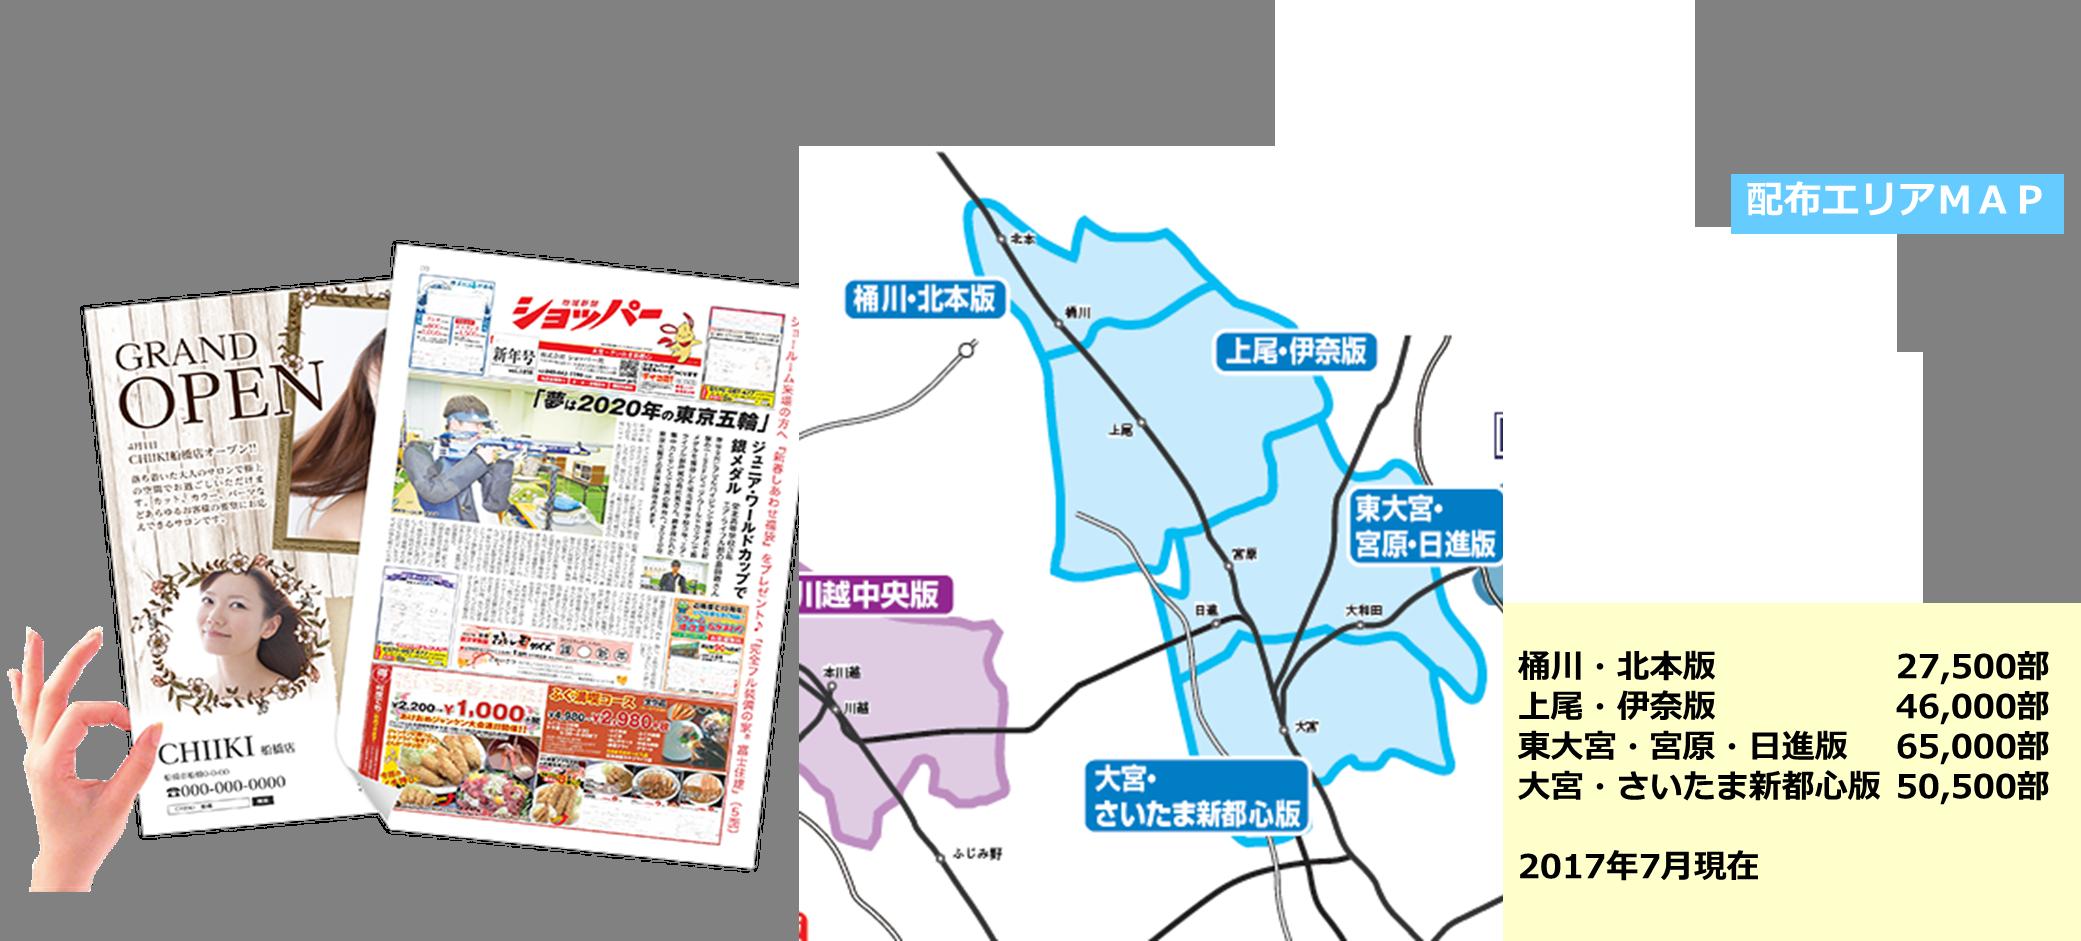 【埼玉県 ポスティングエリアMAP・部数一覧】